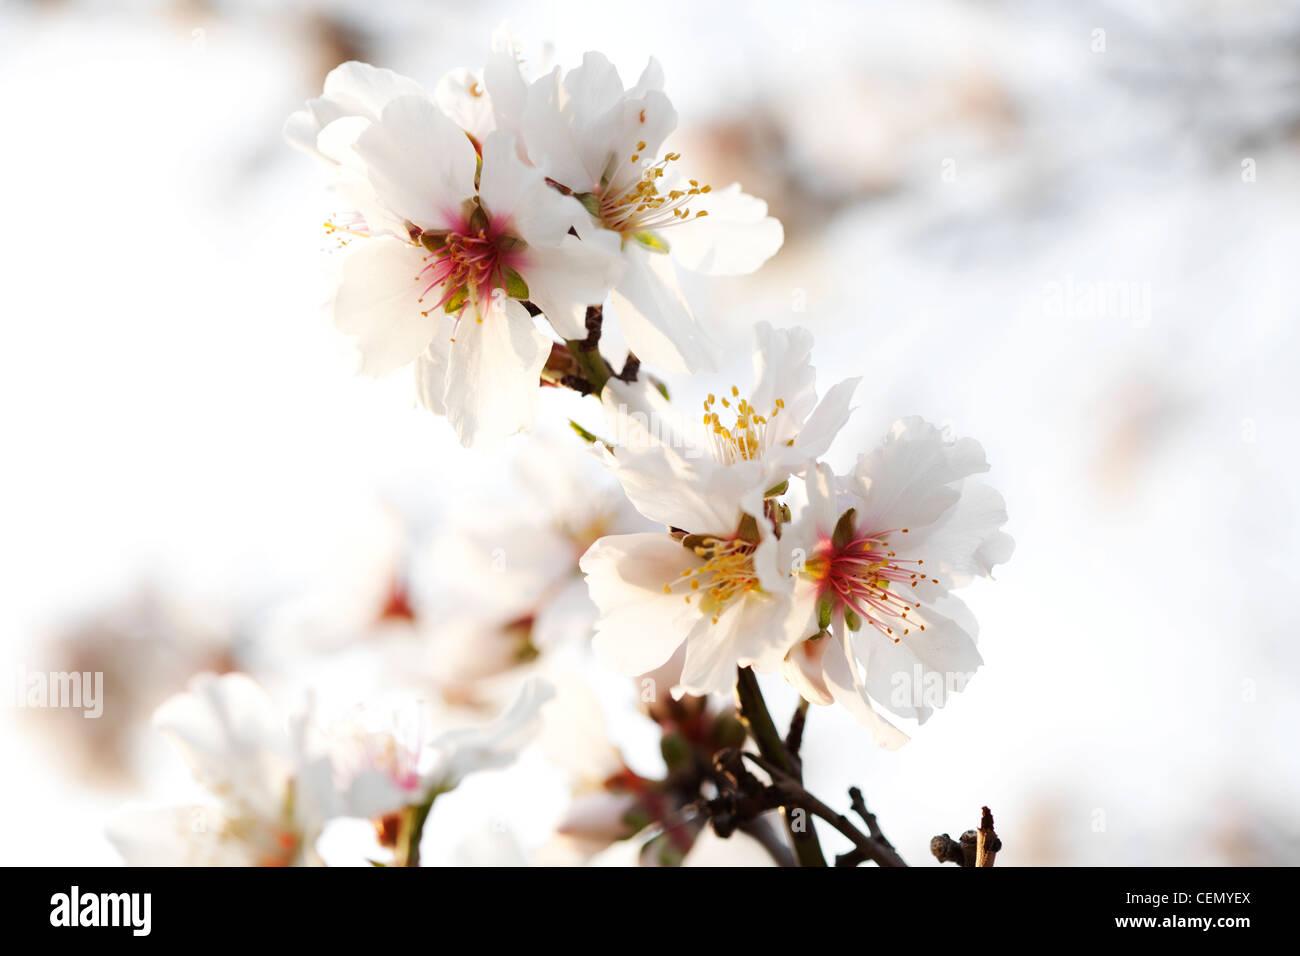 fleur d'amandier Photo Stock